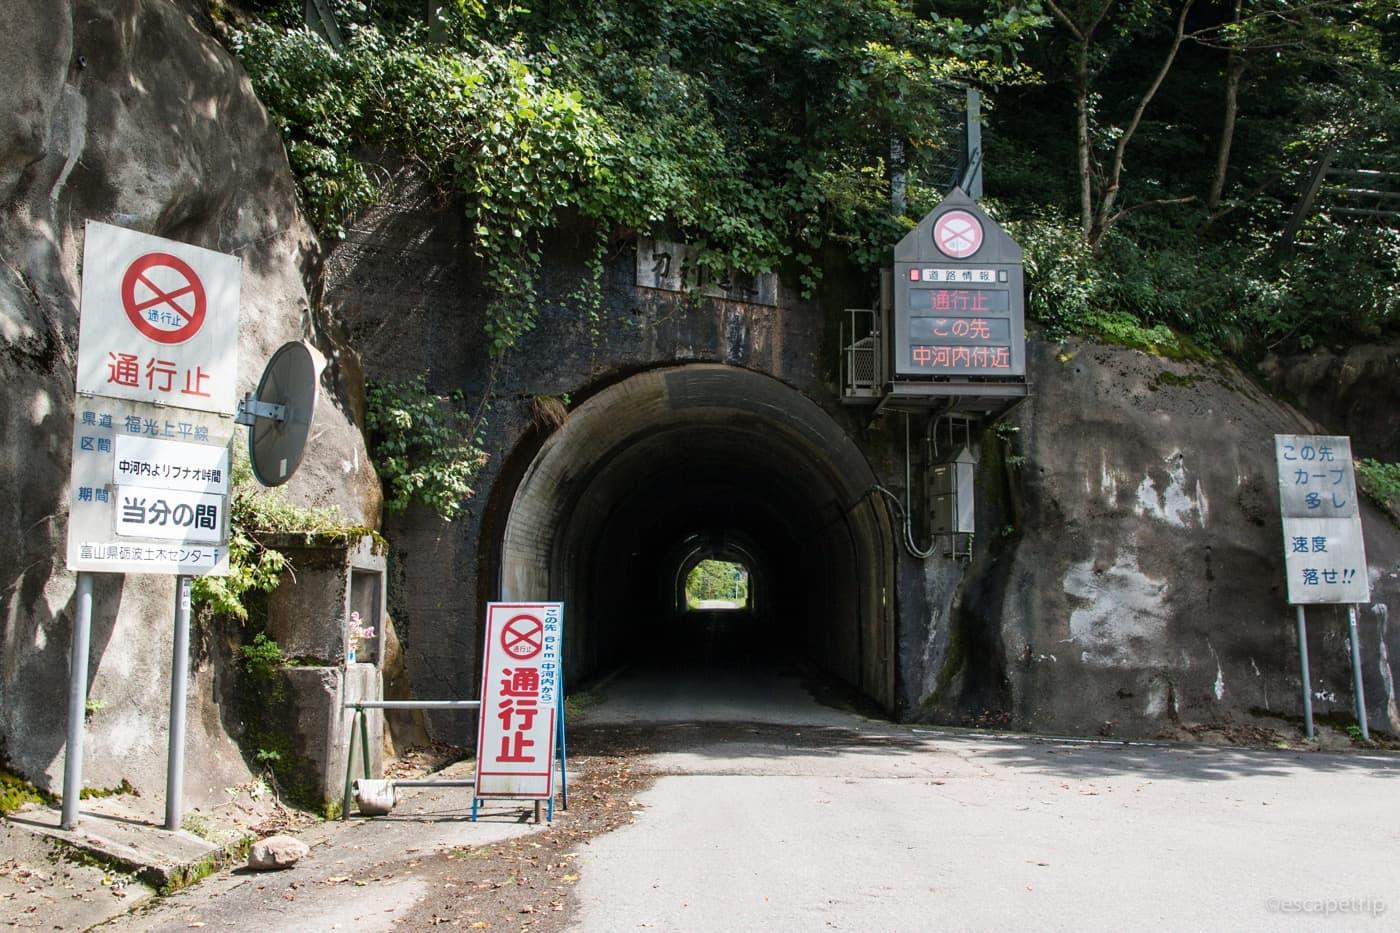 富山県道54号線の通行止めの看板